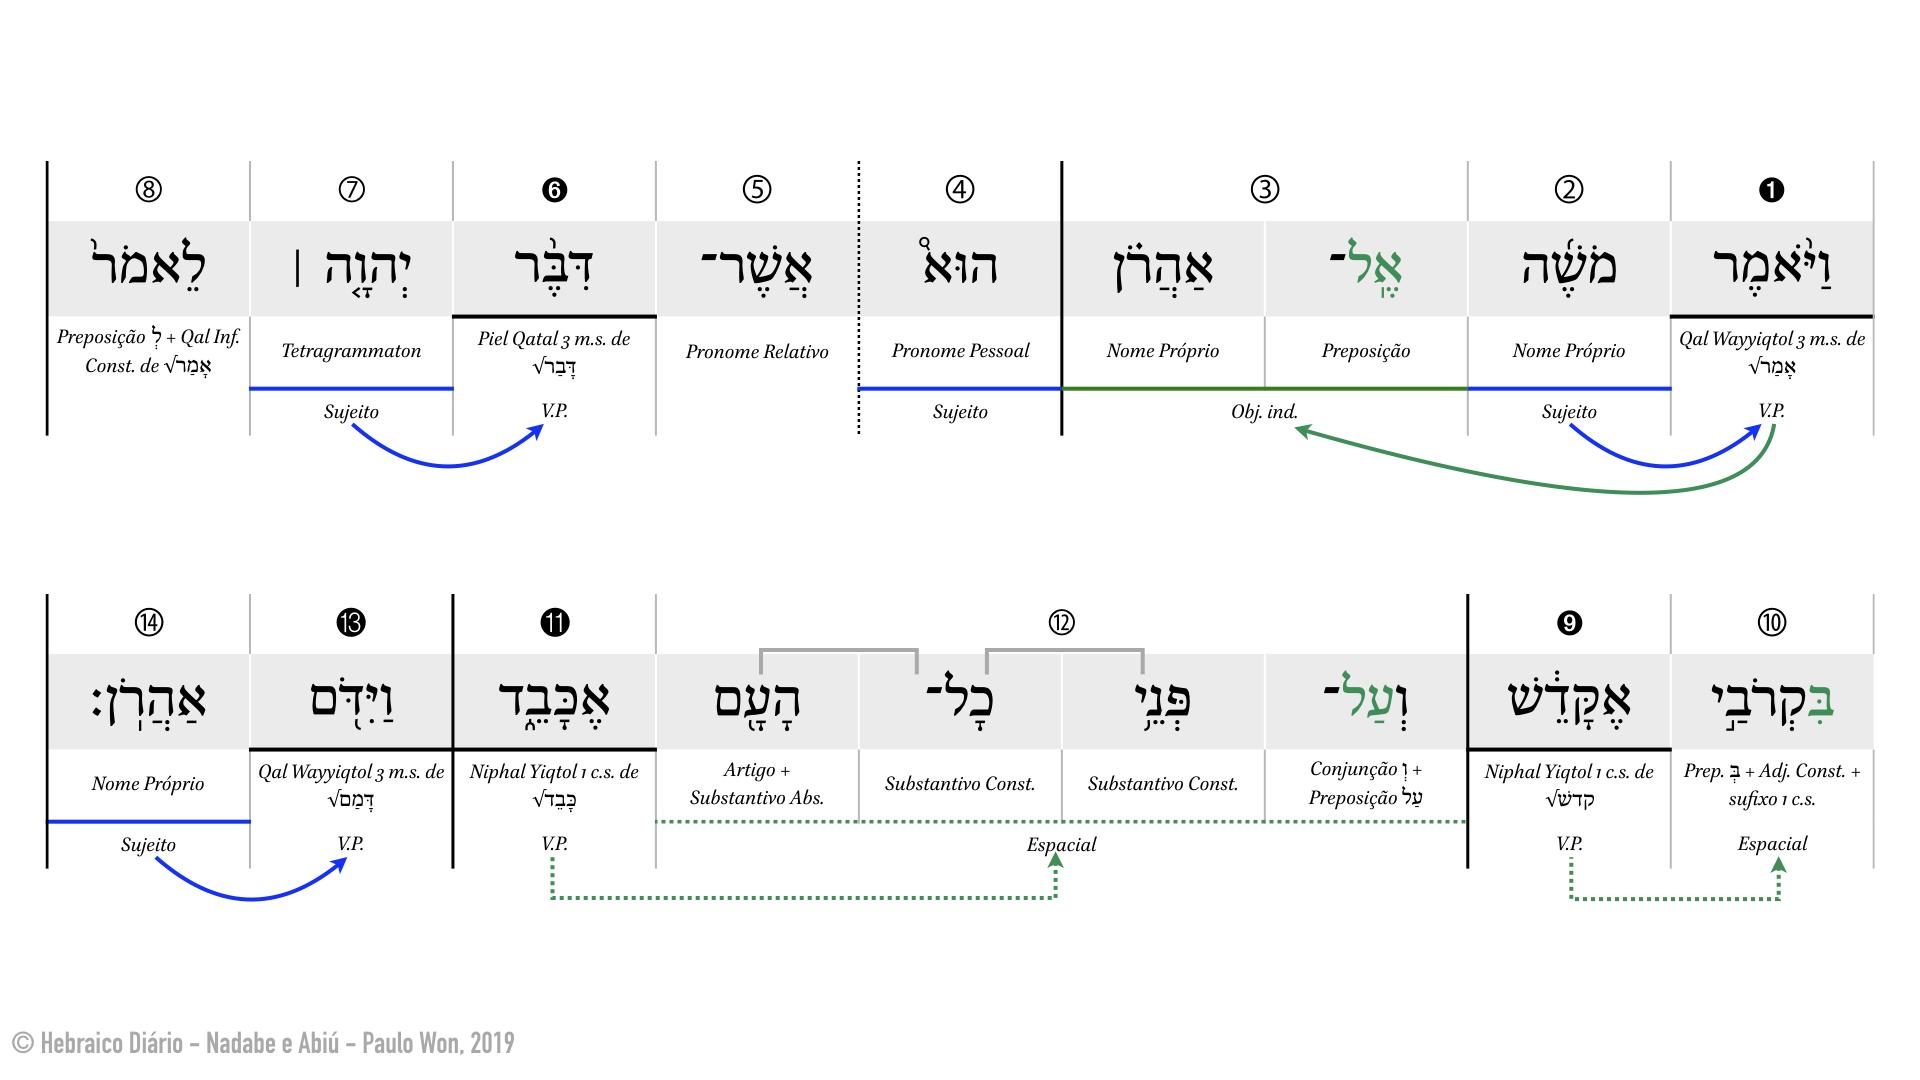 Nadabe e Abiú ⎢ 3. Serei santificado e honrado (Lv 10.3) ⎢ Hebraico Diário.001.jpeg